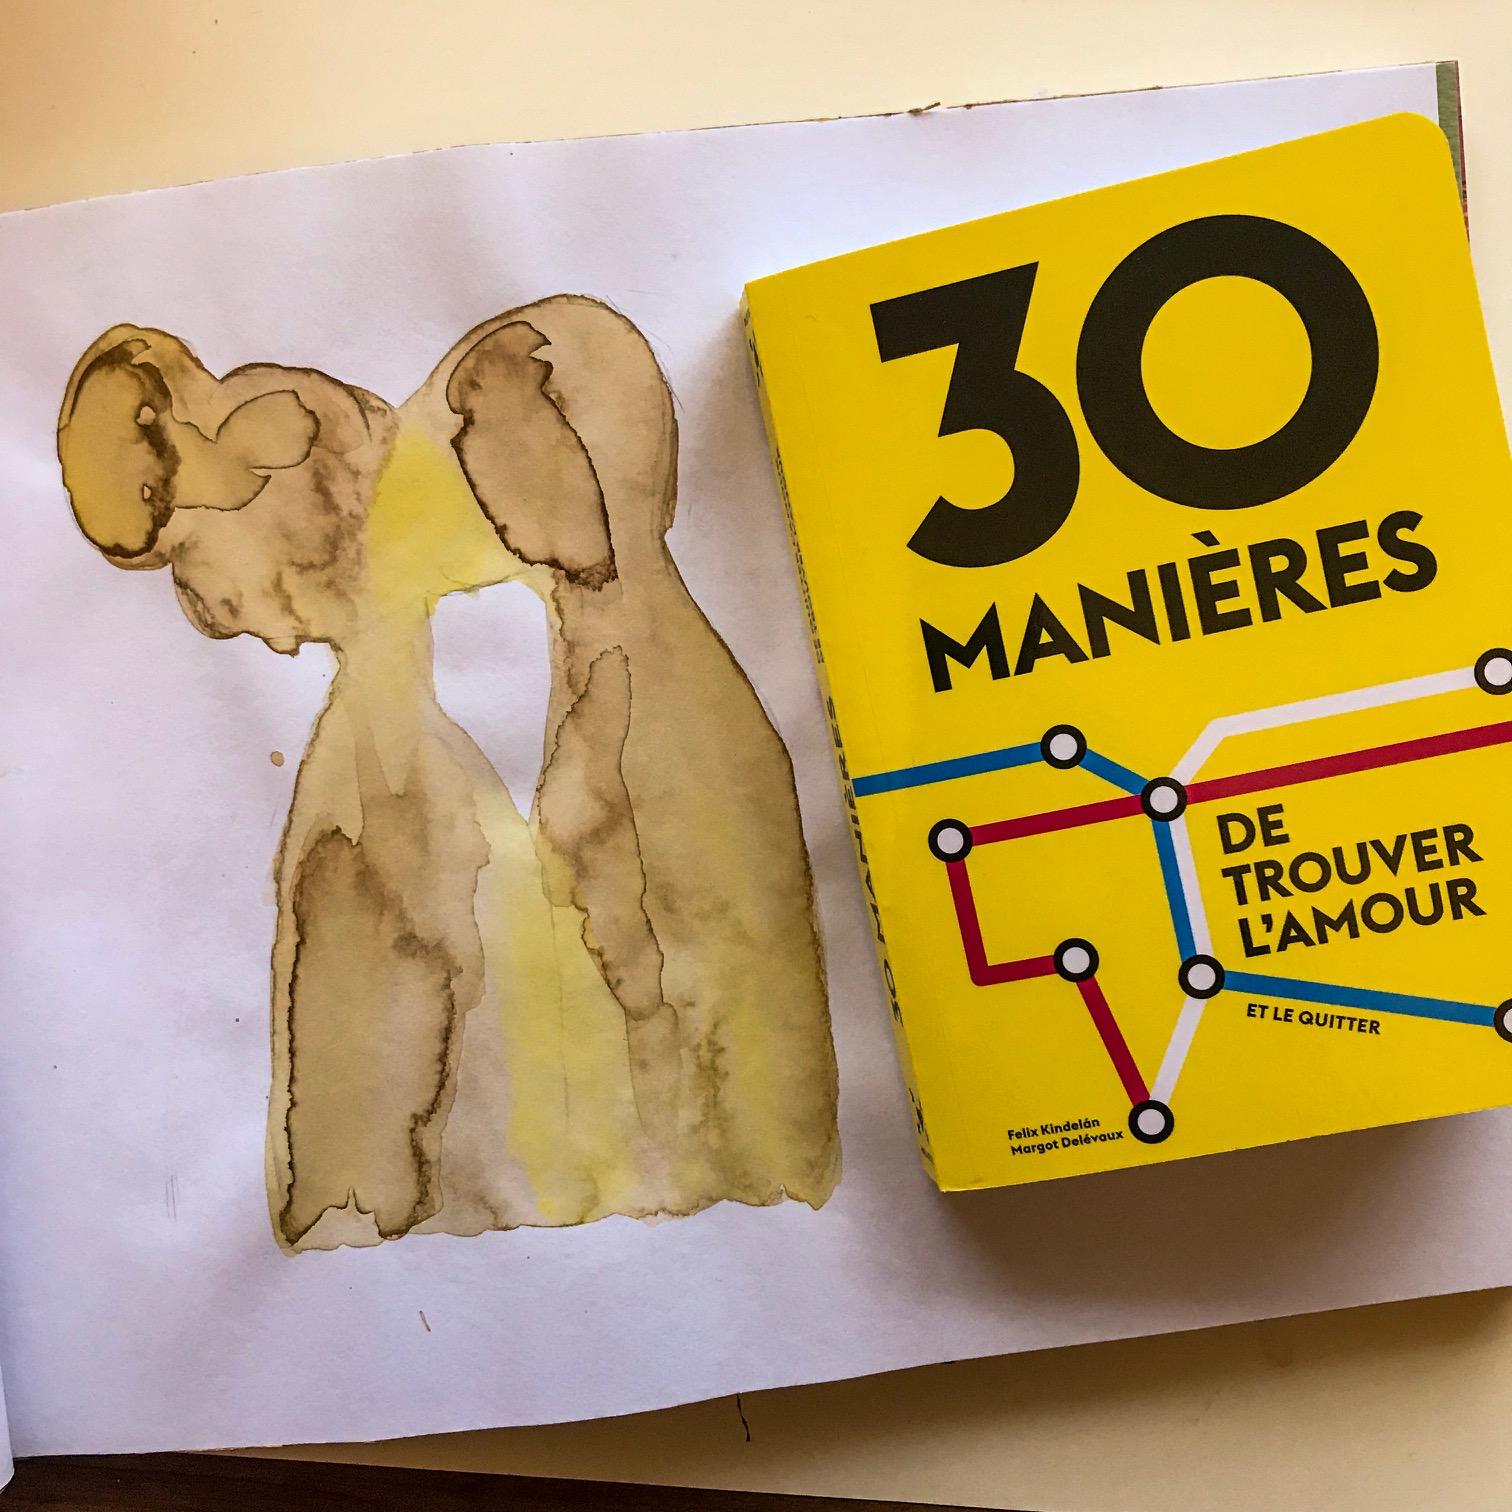 30 manières de trouver l'amour / 30 manières de quitter l'amour, de Félix Kindelàn et Margot Delévaux : oser, oserai-je ?